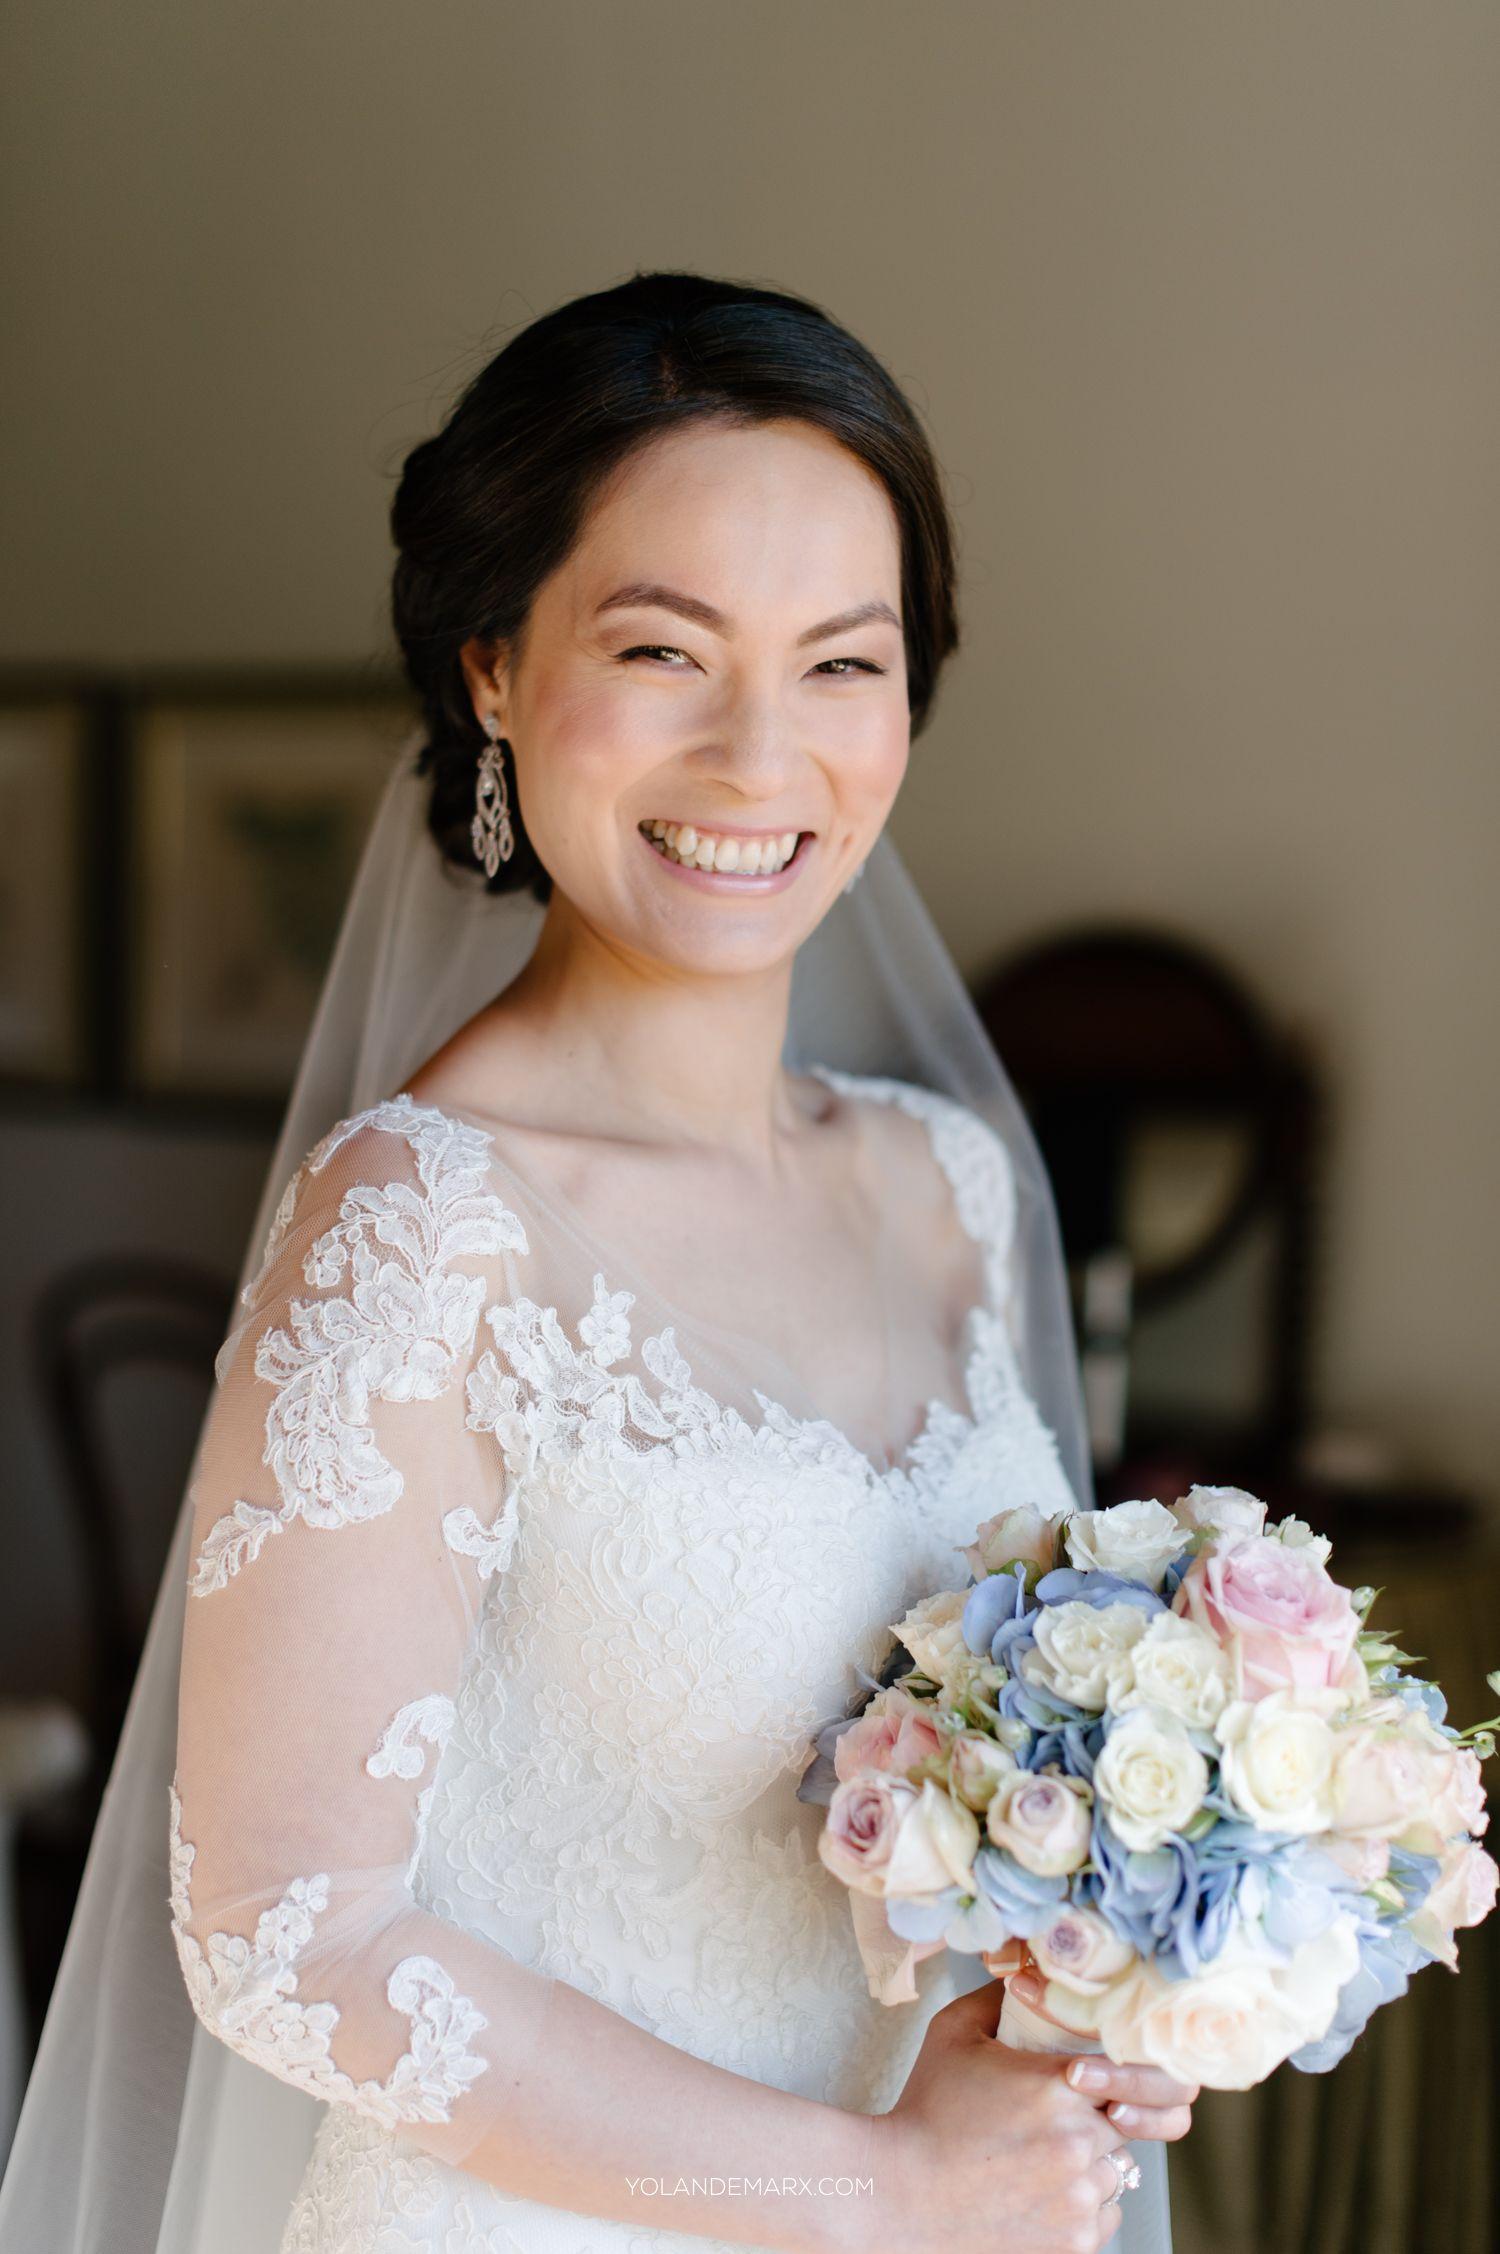 cecilia fourie- hair & makeup#bridalmakeup #bridal #wedding #makeup